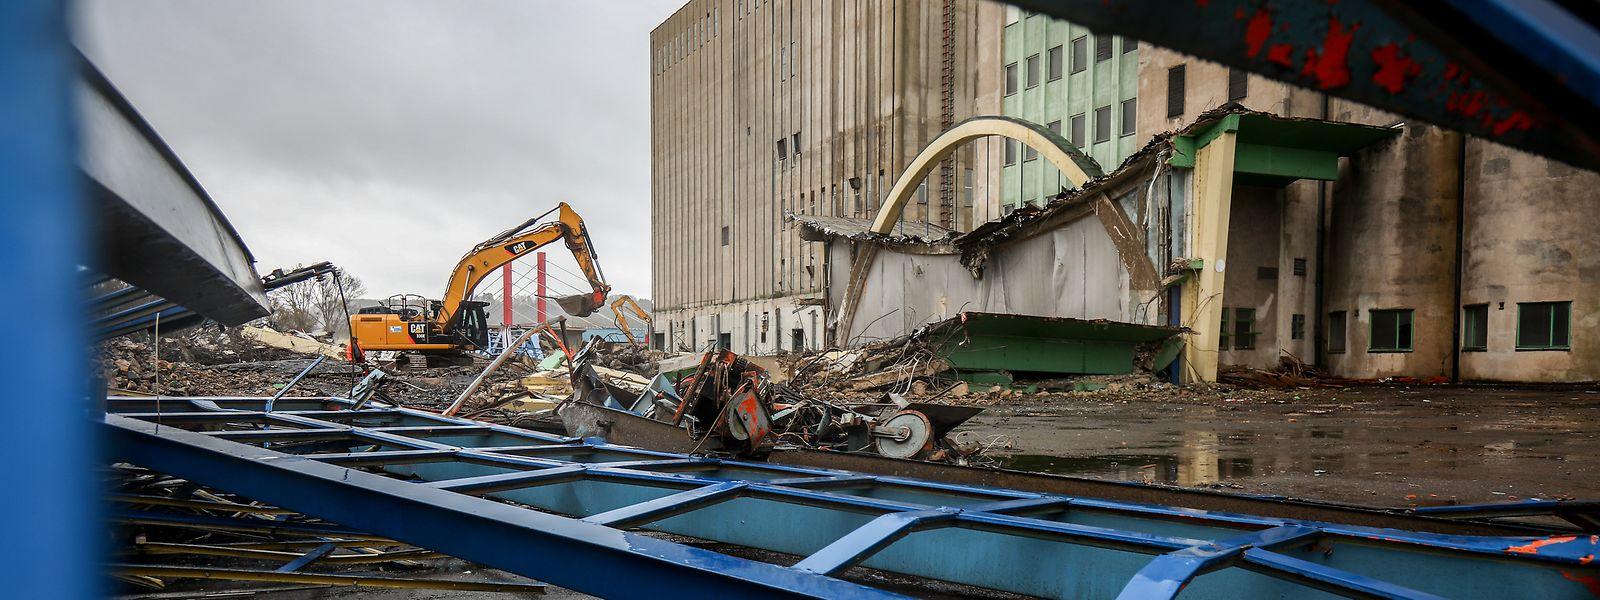 Nach dem Abriss der Kornhalle werden voraussichtlich in rund drei Wochen die Silos abgetragen.